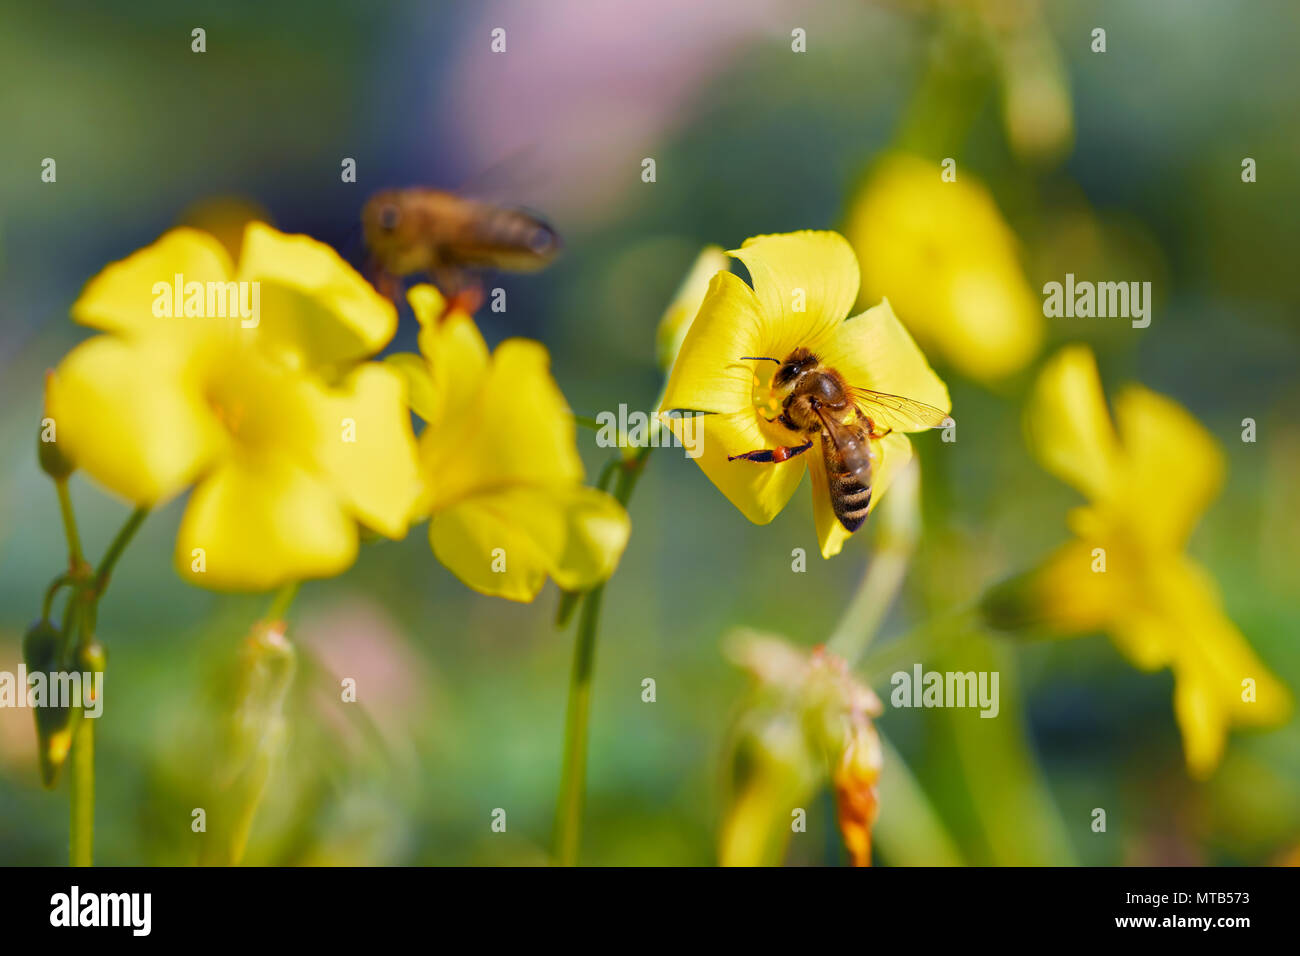 Il miele delle api per raccogliere il polline dal giallo dei fiori di gelsomino Immagini Stock